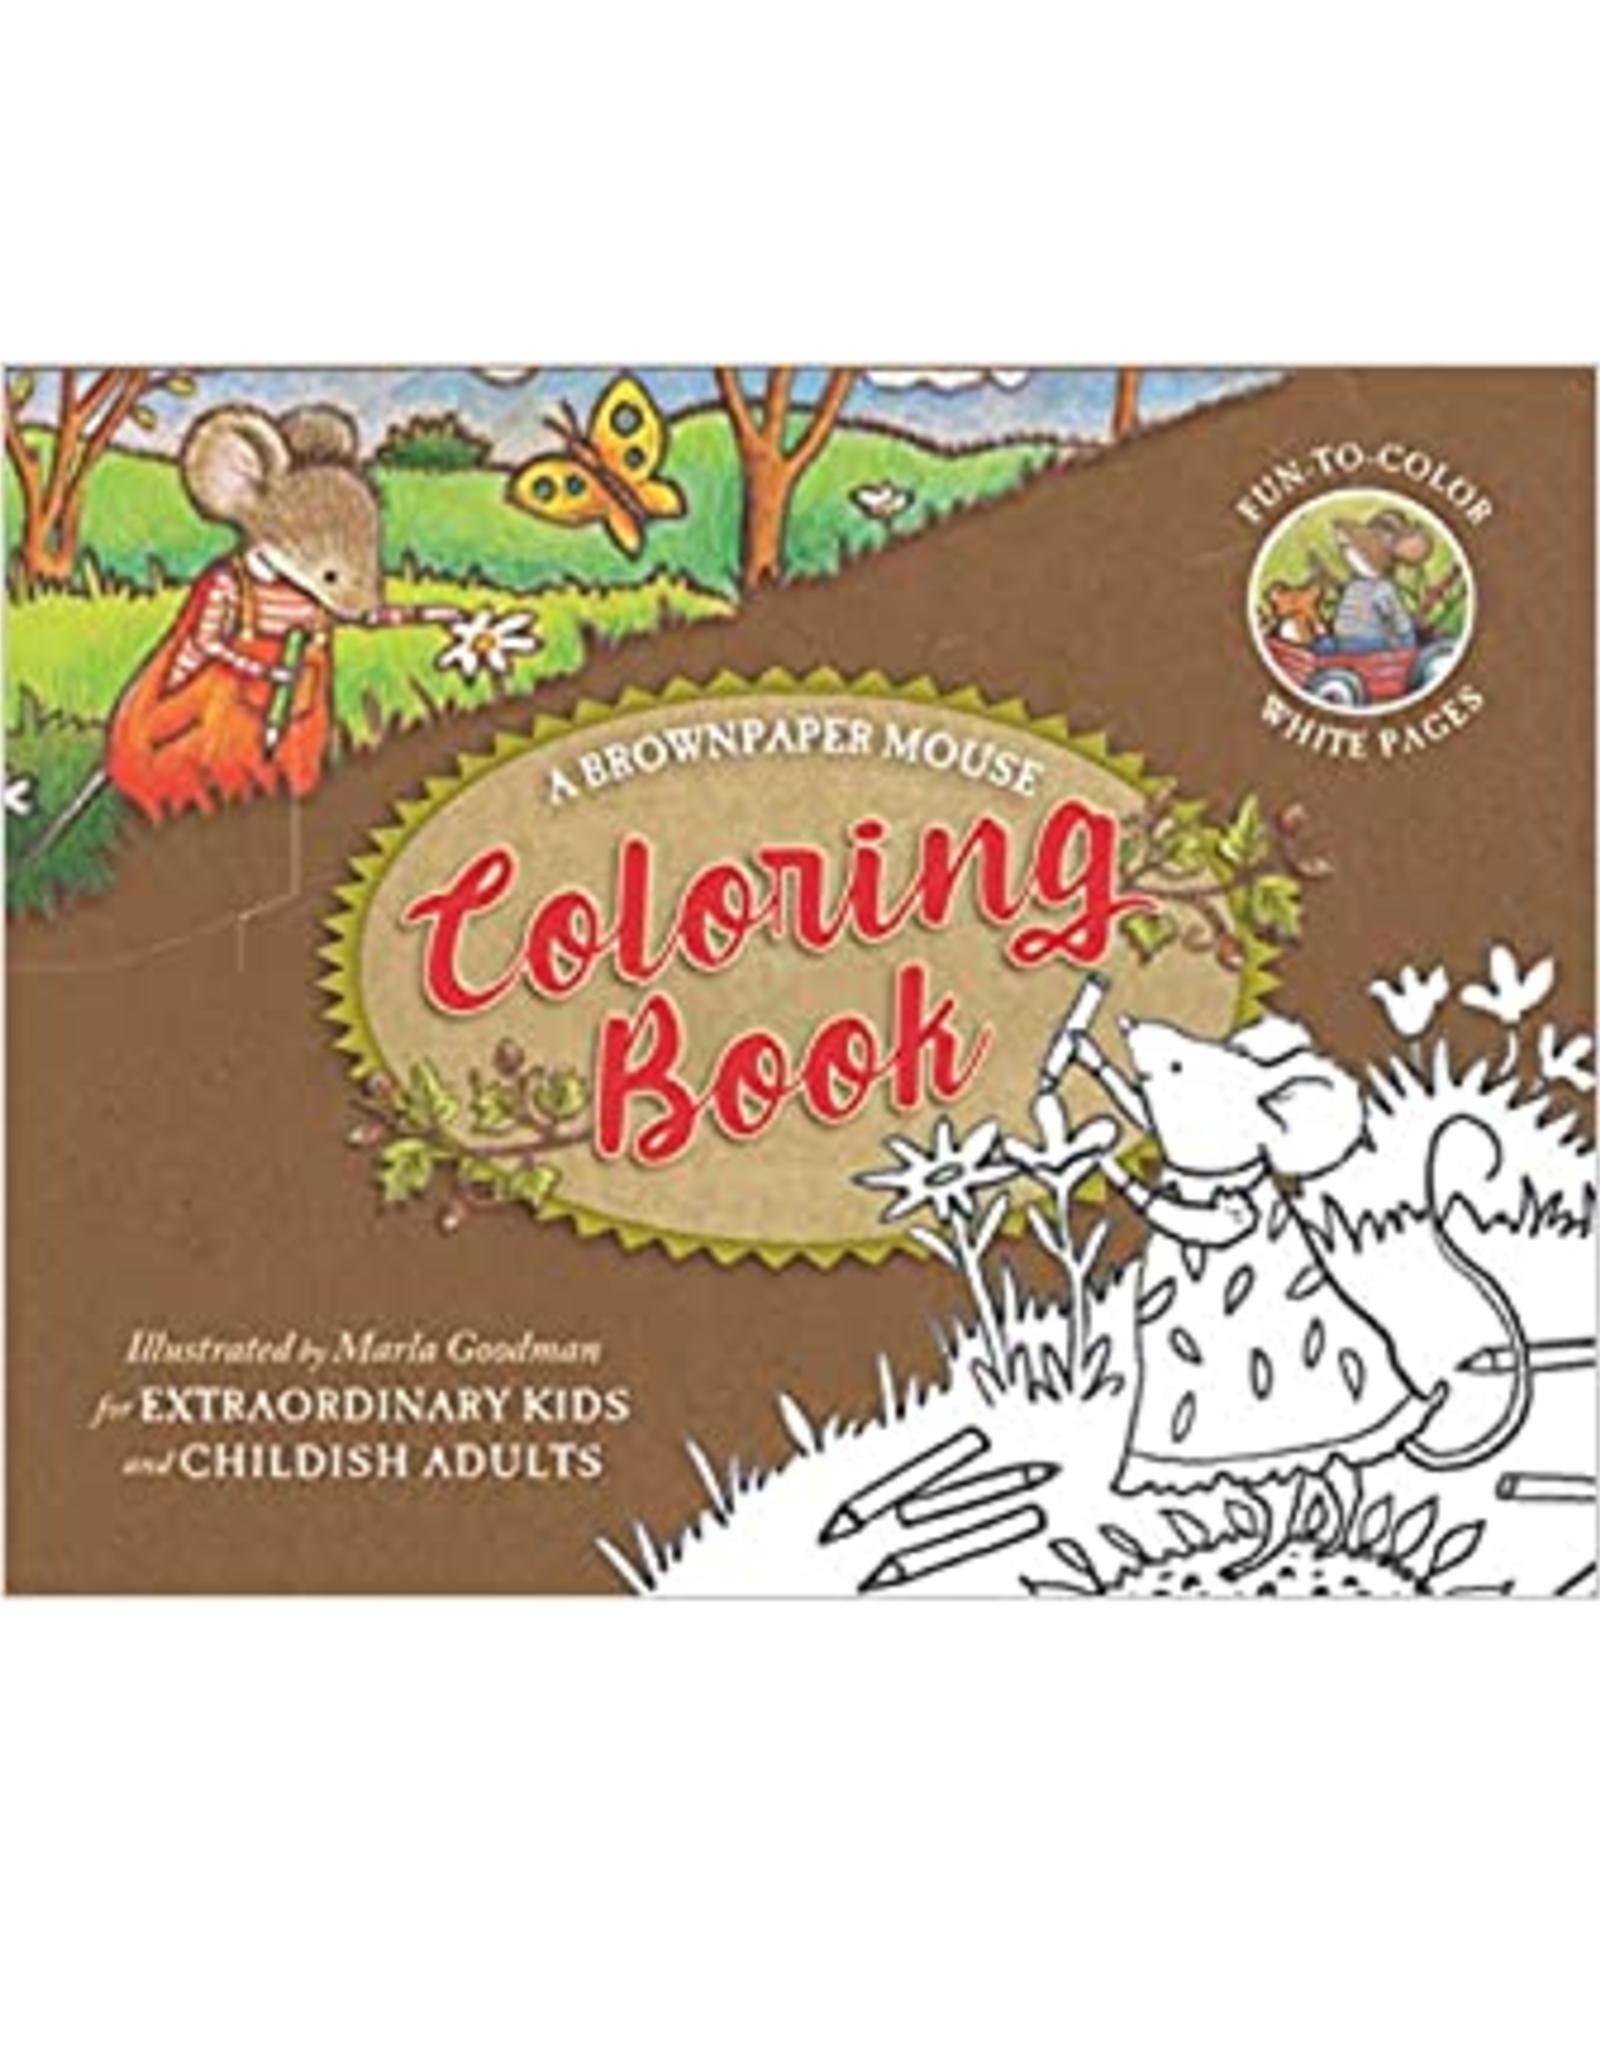 Brownpaper Mouse Coloring Book